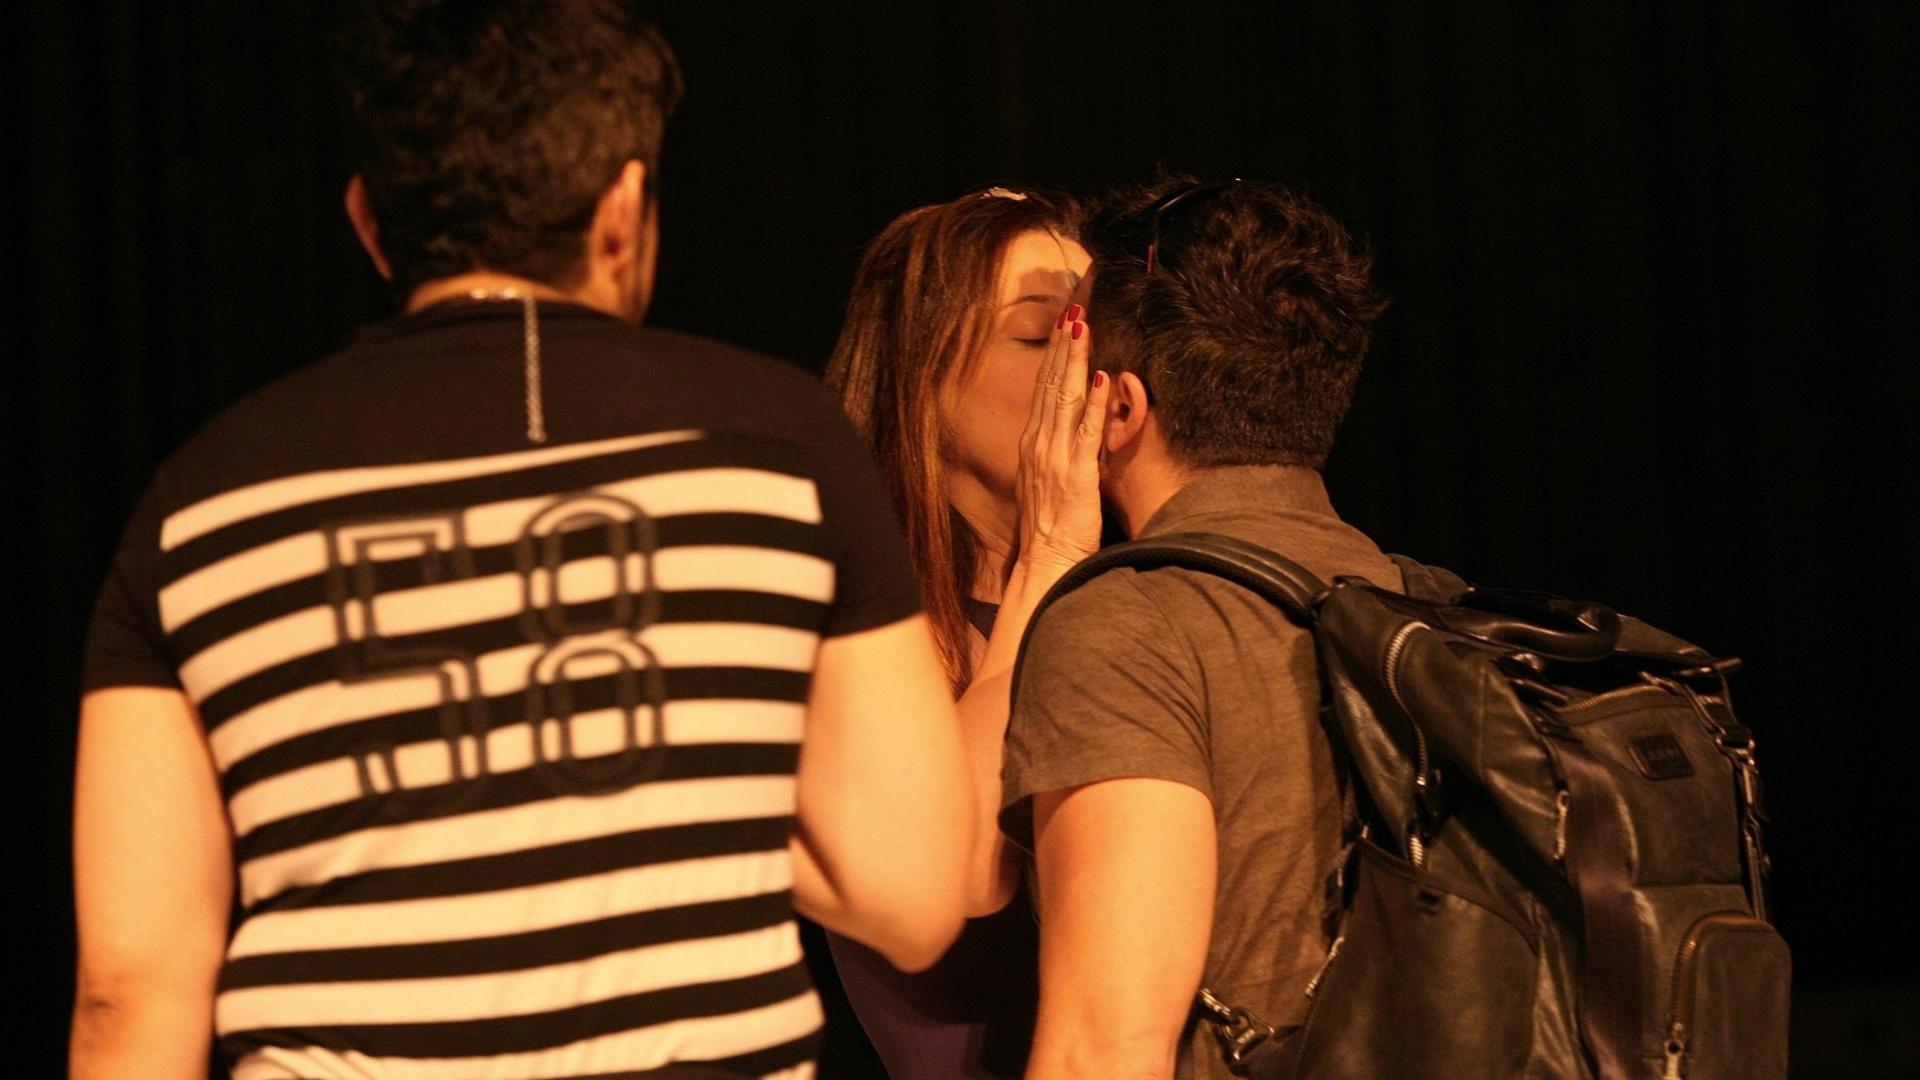 O namorado e parceiro de cena de Cláudia Raia, Jarbas Homem de Melo, chega ao ensaio e recebe beijo da atriz antes da reestreia em SP (25/08/12)